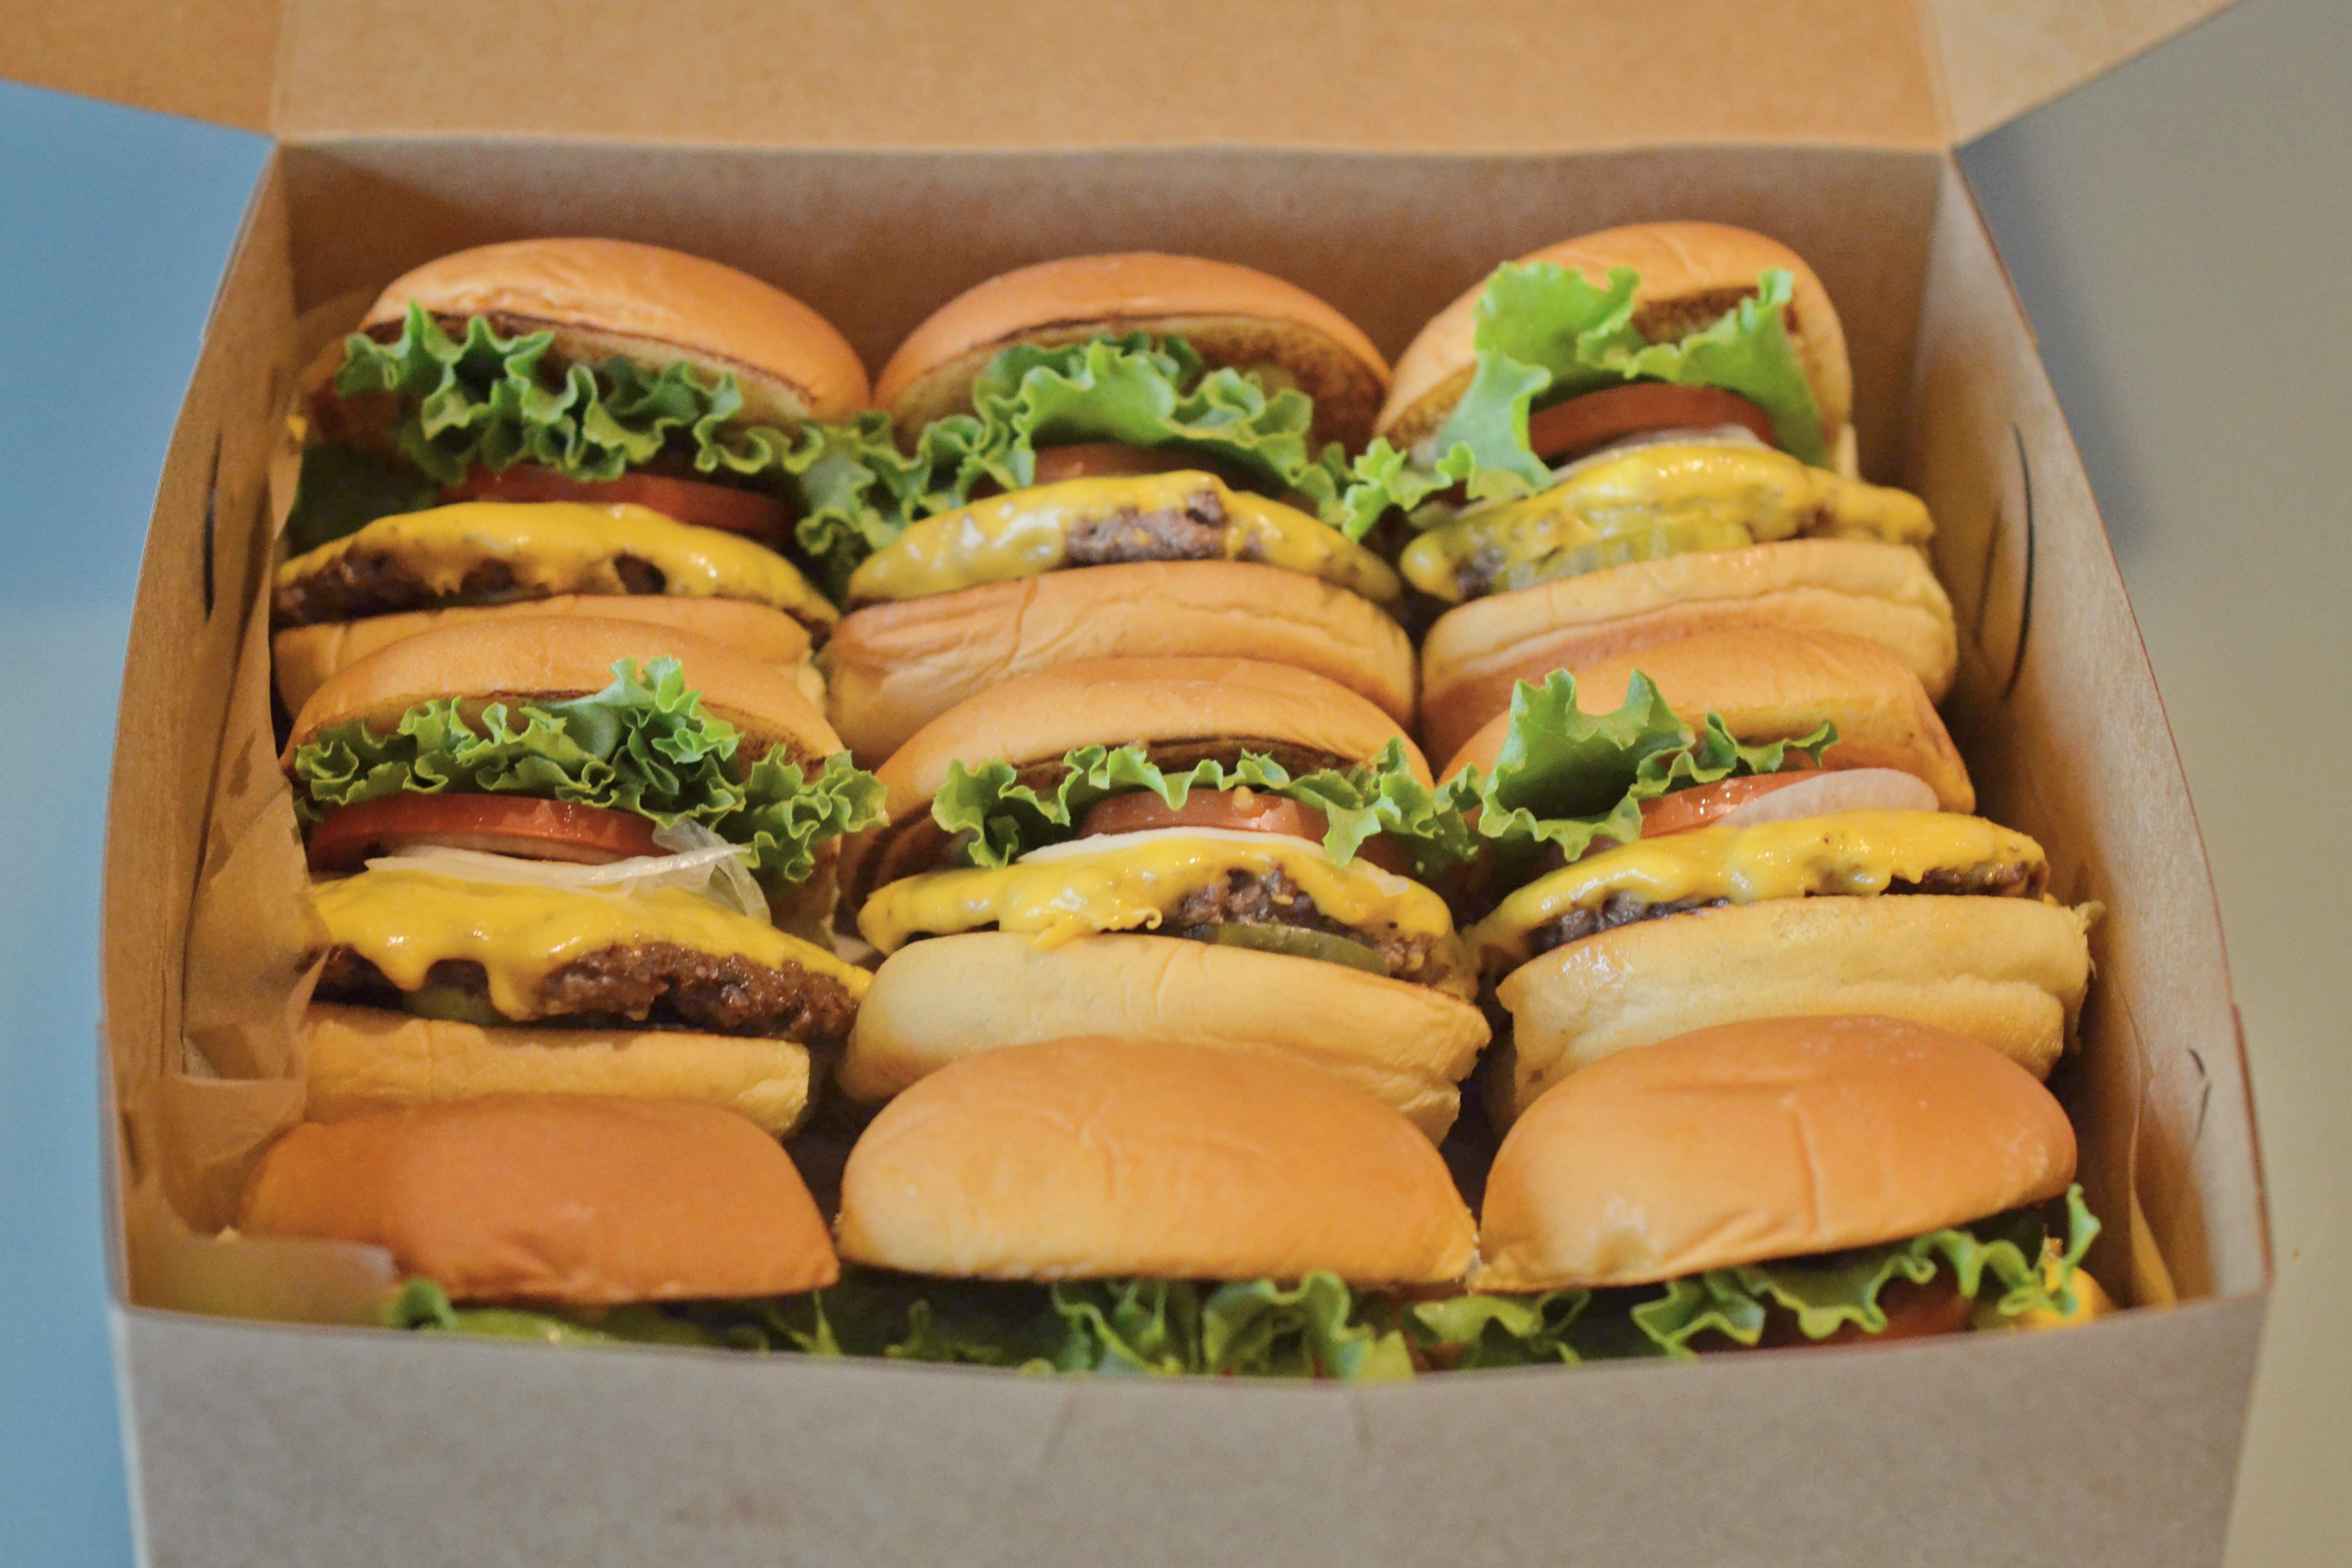 Burger King Hot Dog Boxes